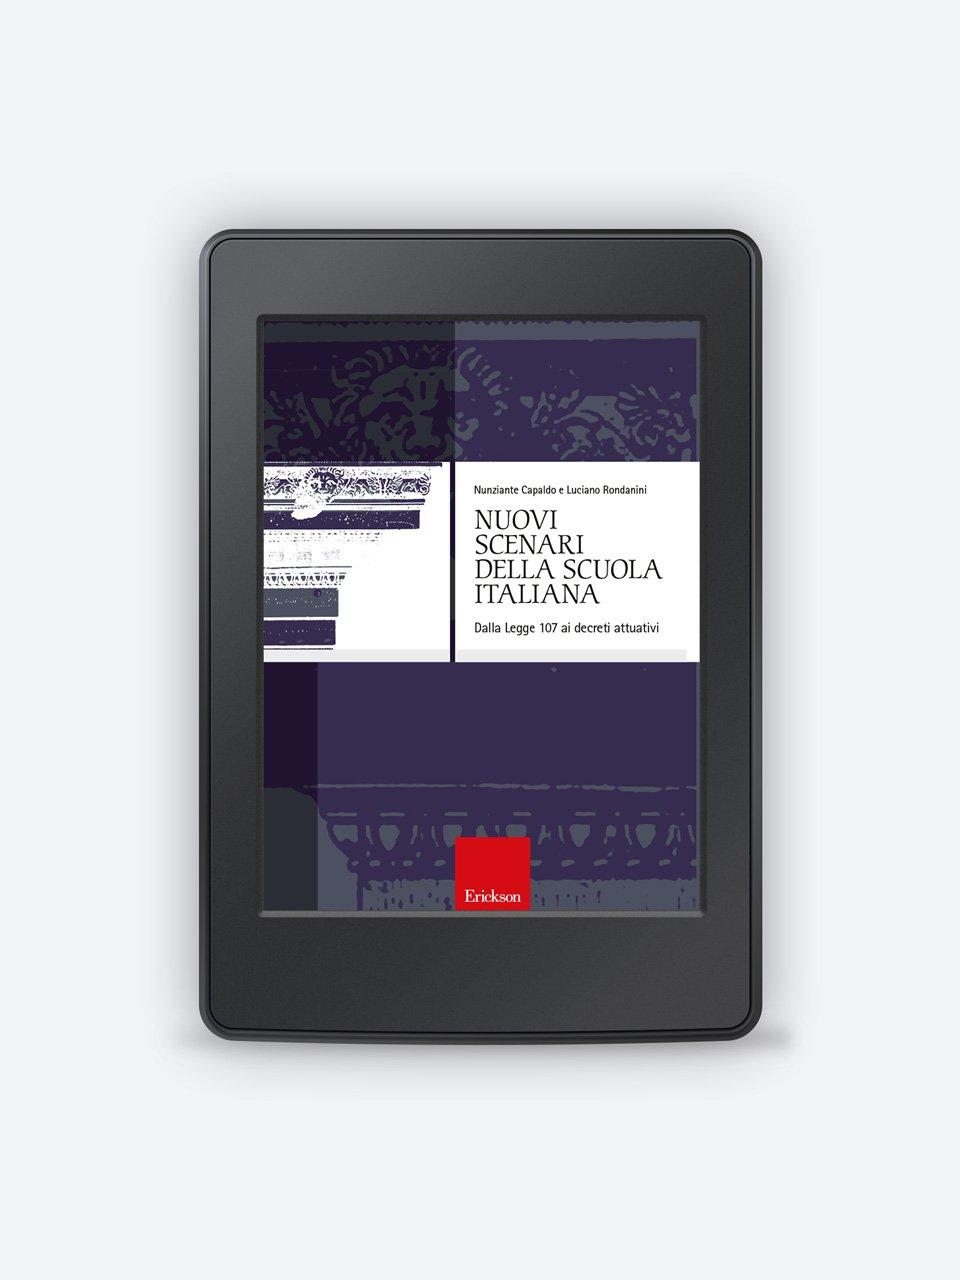 Nuovi scenari della scuola italiana - Luciano Rondanini - Erickson